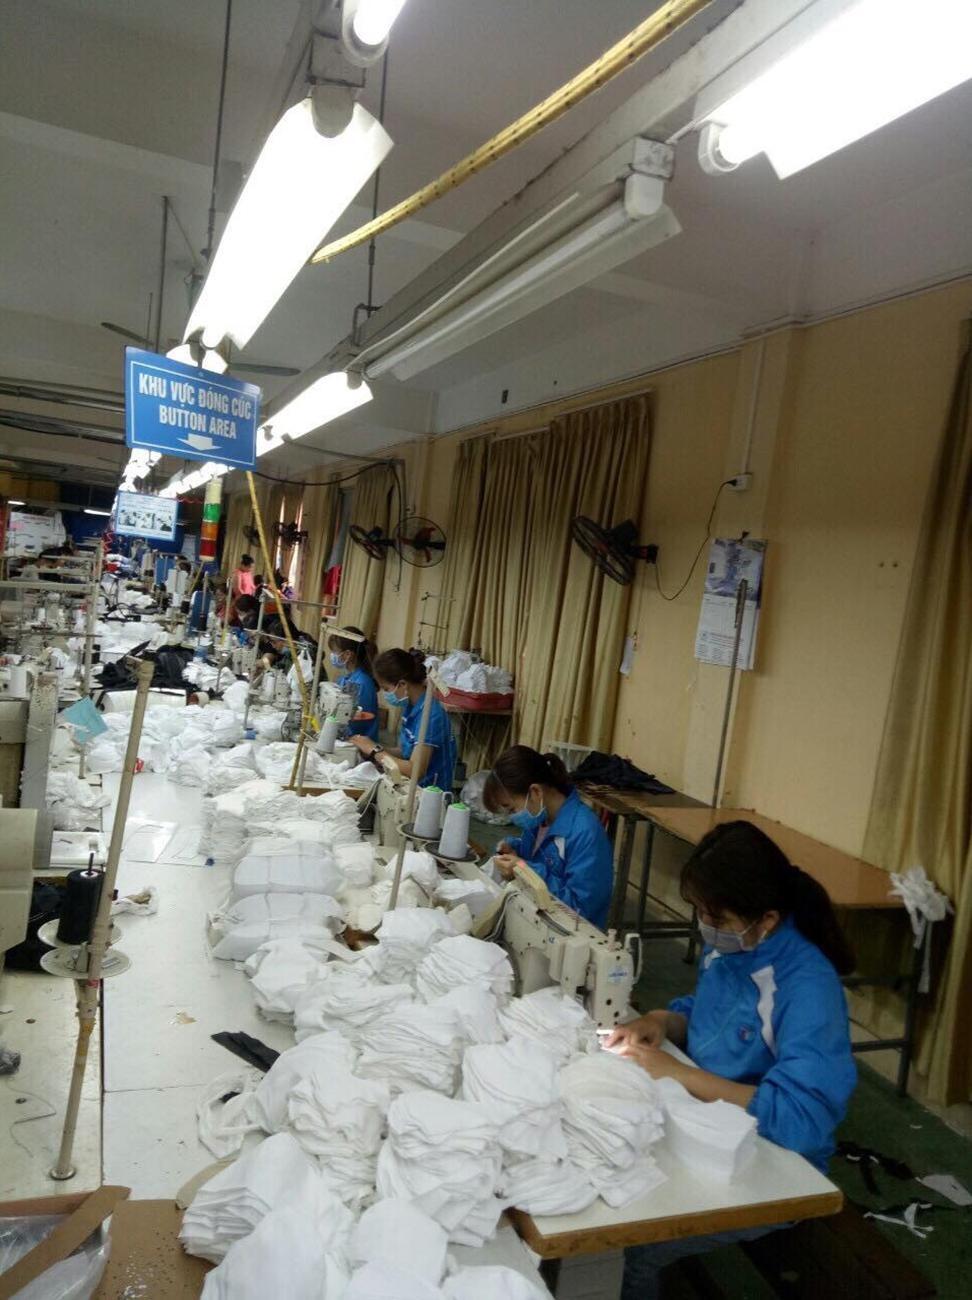 Đoàn Thanh niên Trường Đại học Công nghiệp Dệt May Hà Nội chung tay bảo vệ cộng đồng